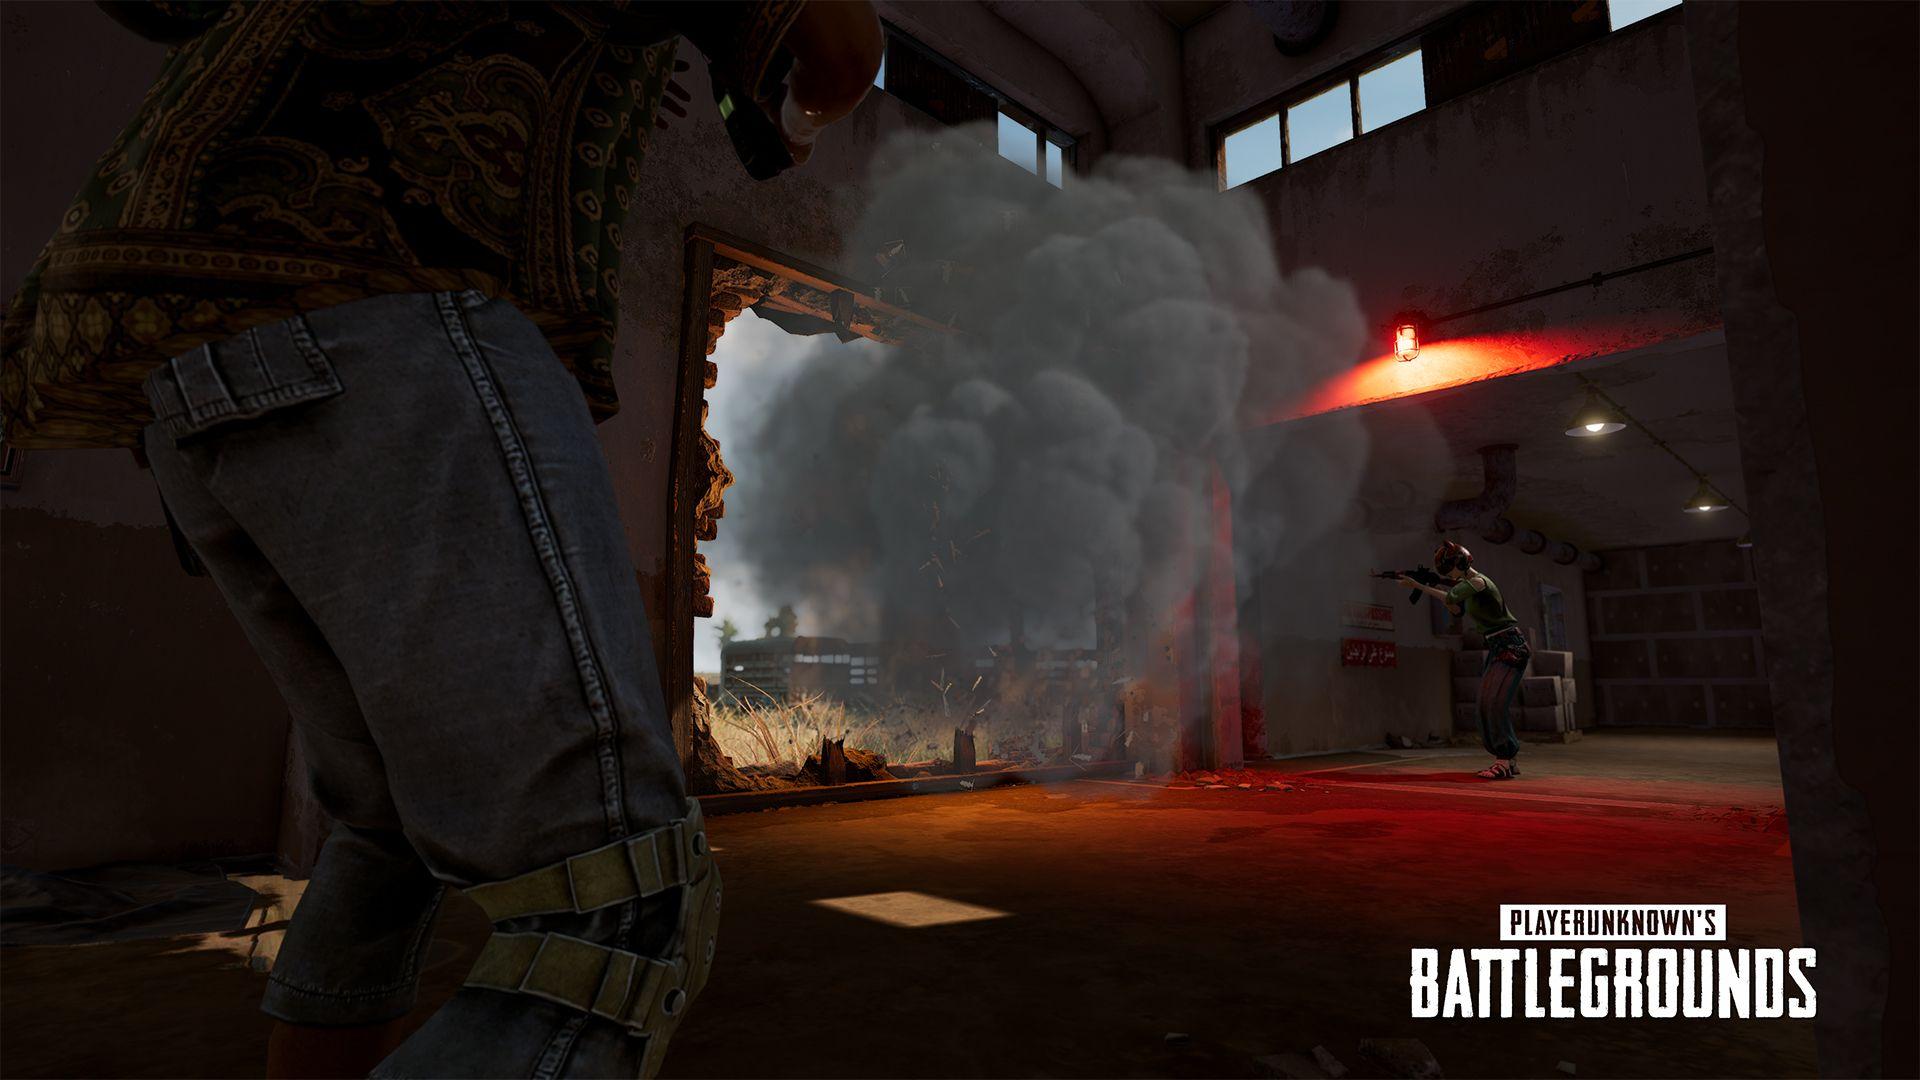 Steam Community PLAYERUNKNOWN'S BATTLEGROUNDS in 2020